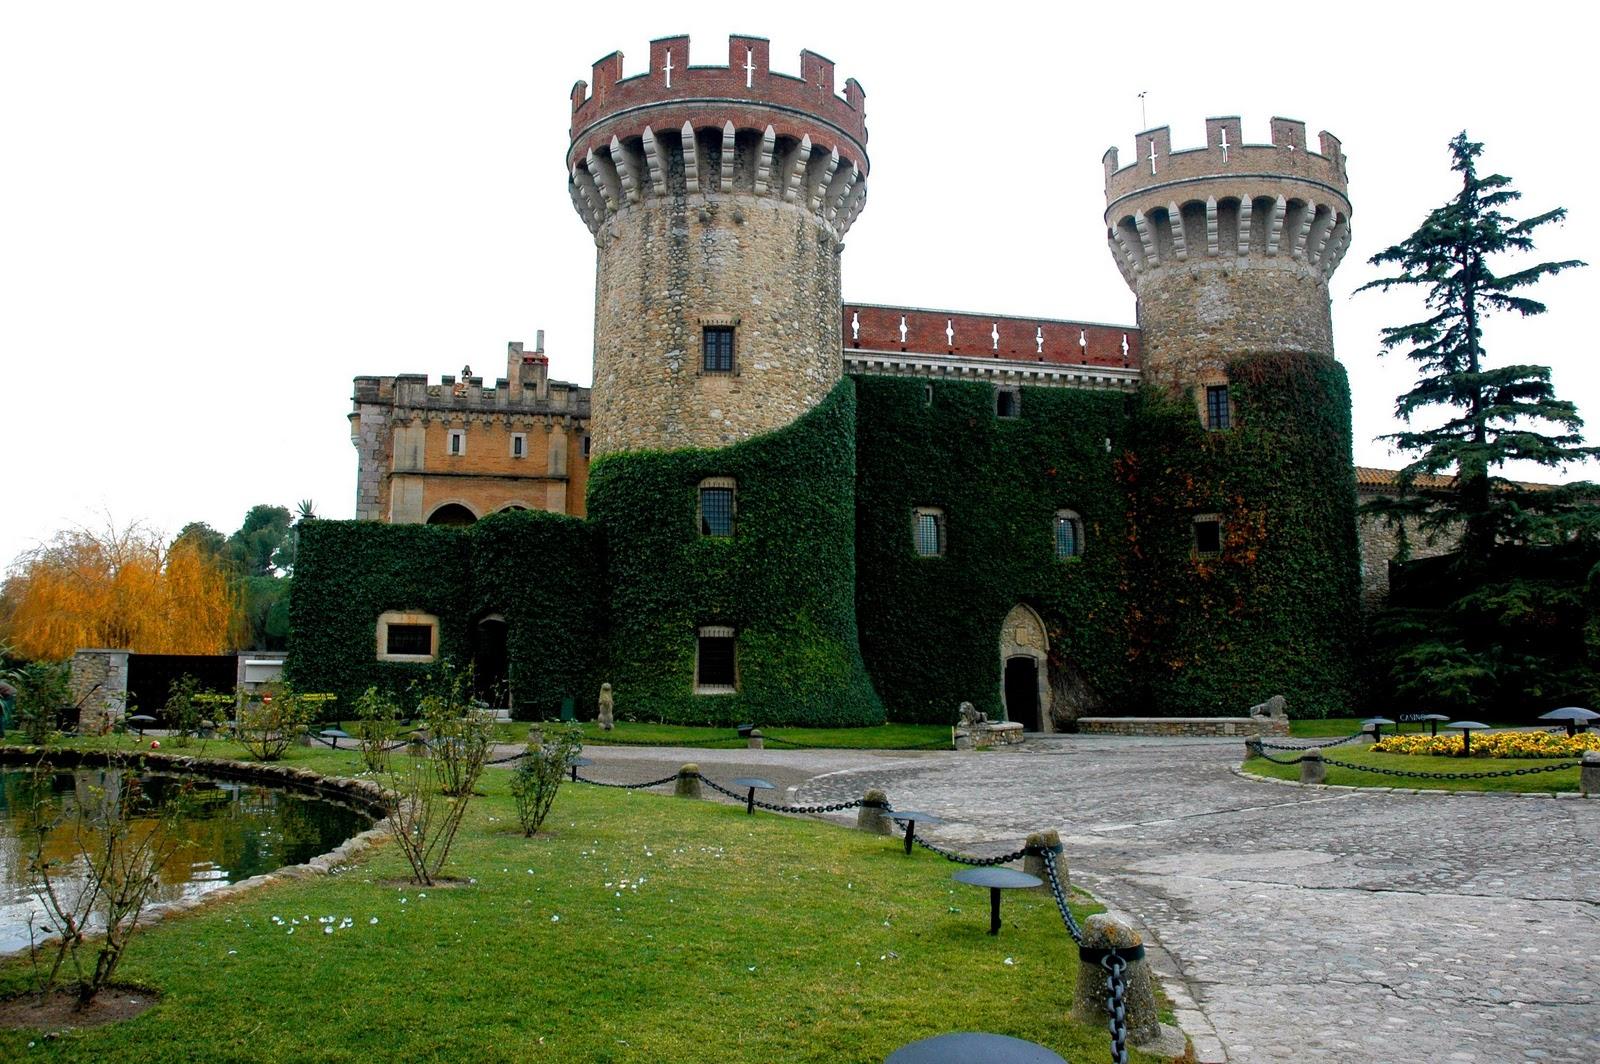 Peralada Castle, Catalonia, Spain